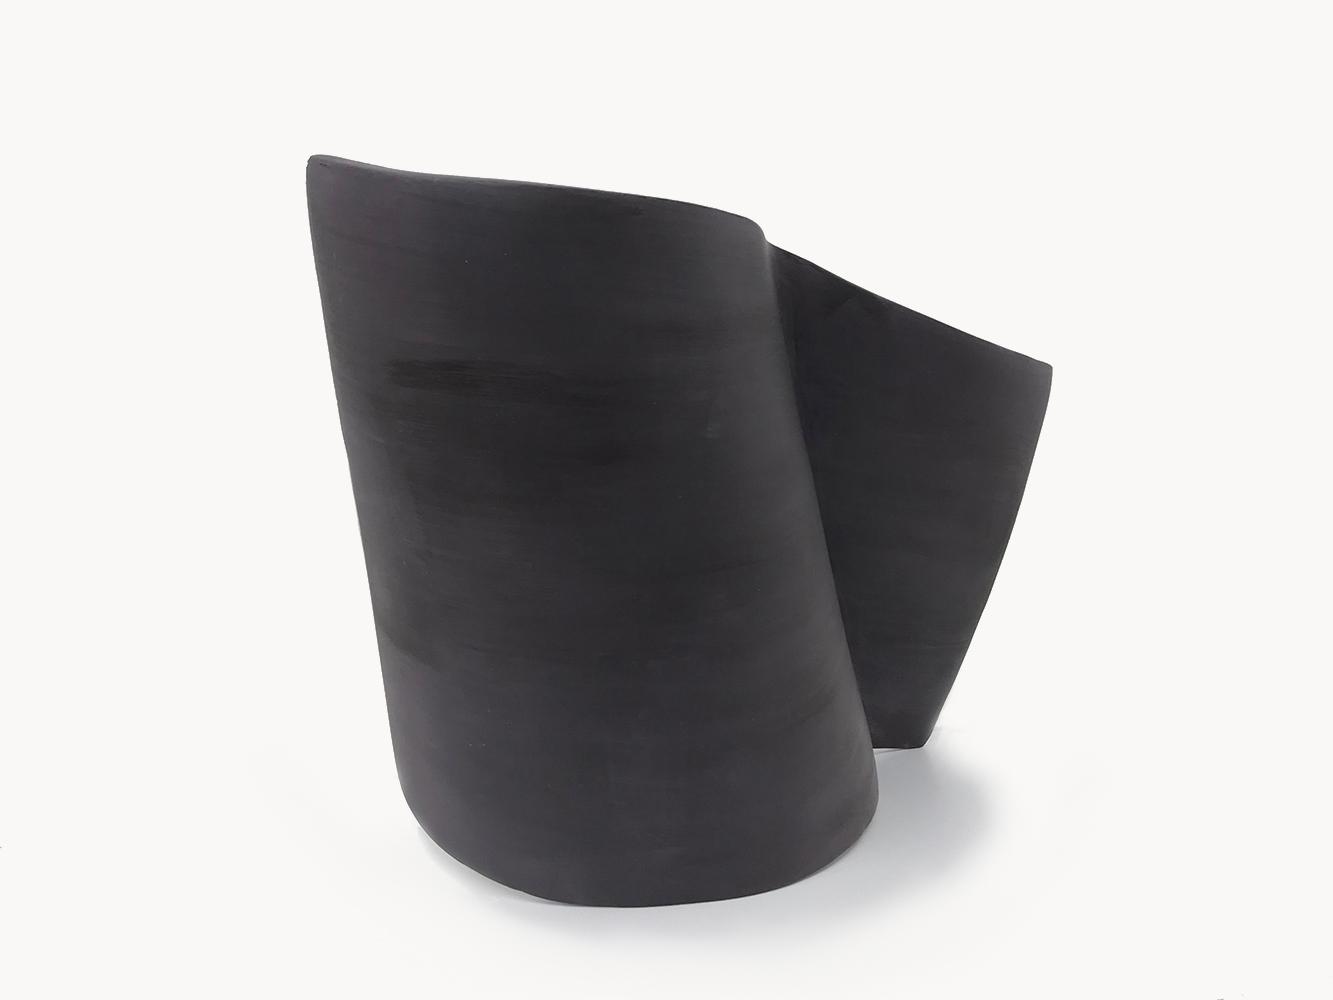 Simone Rochon, Formes fléchies no. 3 , 2017, plâtre, fibre de verre et peinture acrylique, dimensions variable.